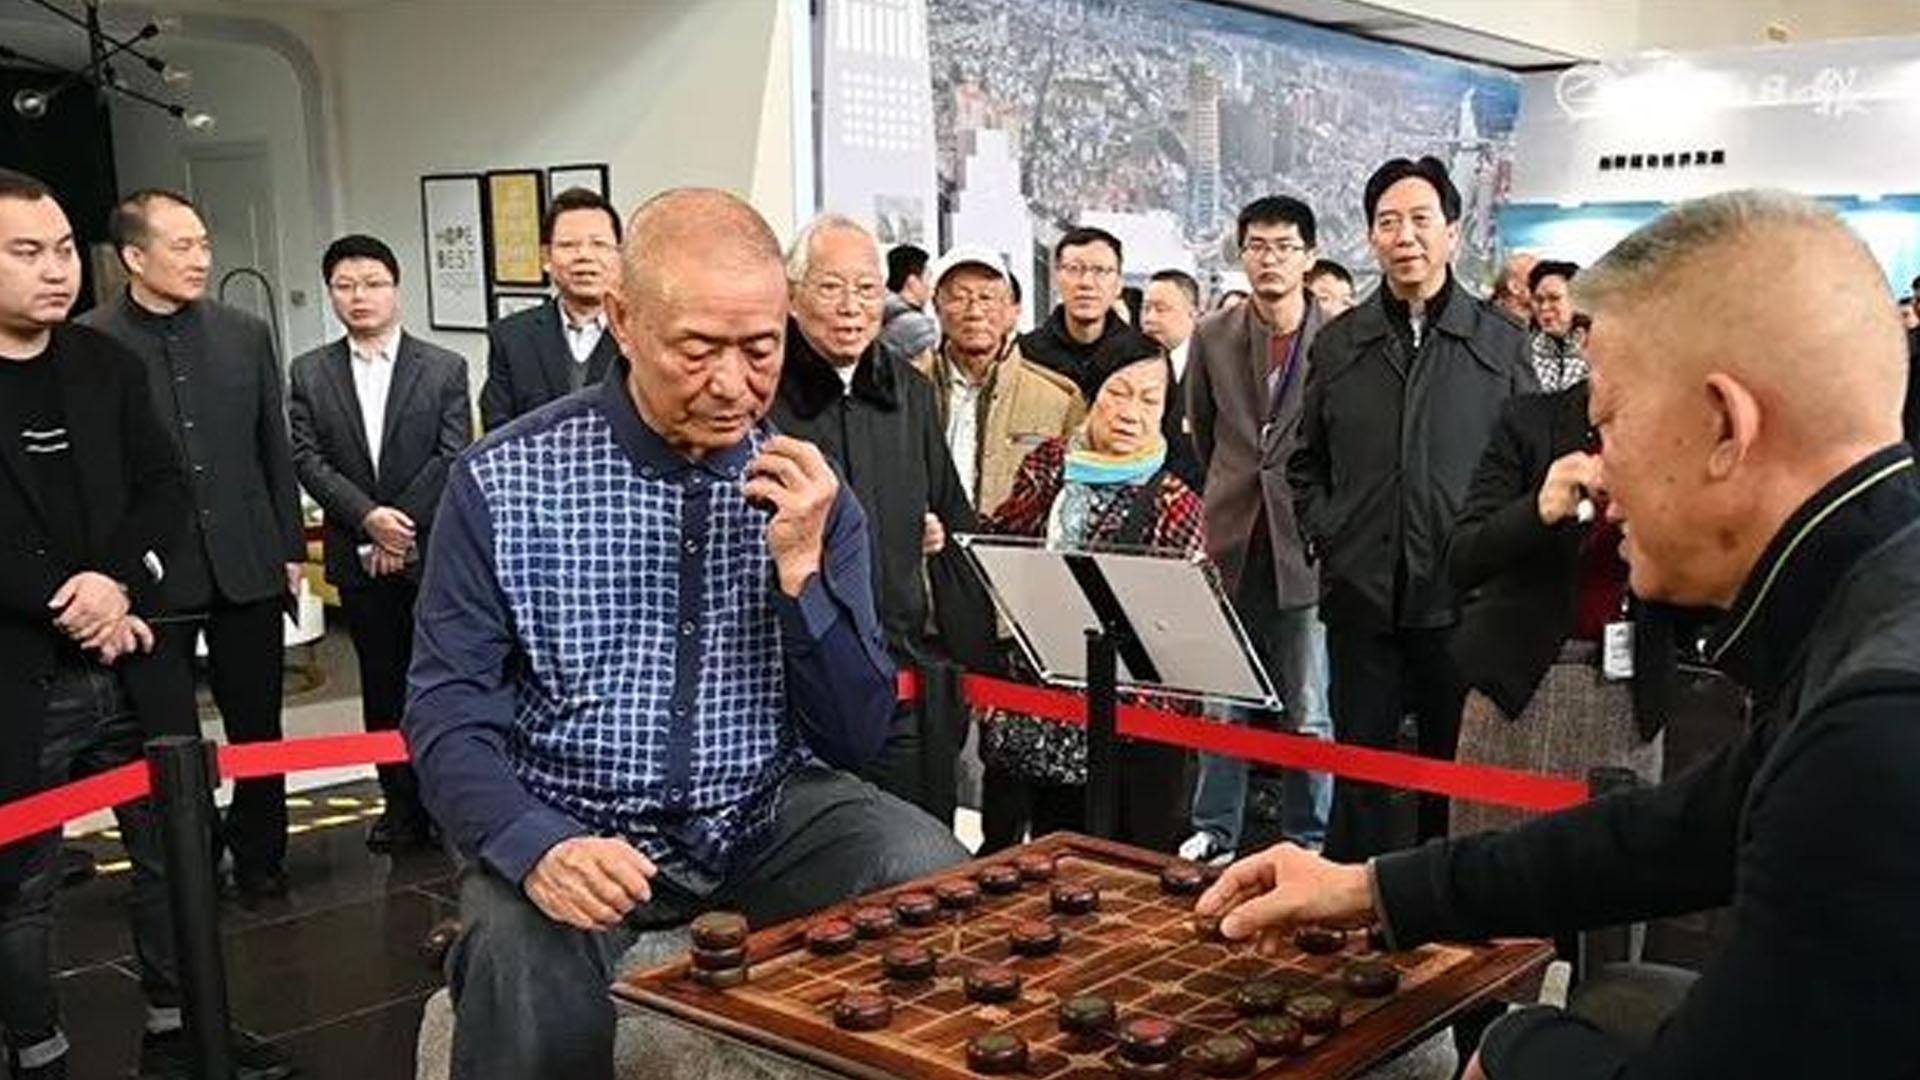 """تبدو شخصيتين الشمع واقعيا في مركز تشونغشان للمعارض تبين أنه """"روائع""""!"""